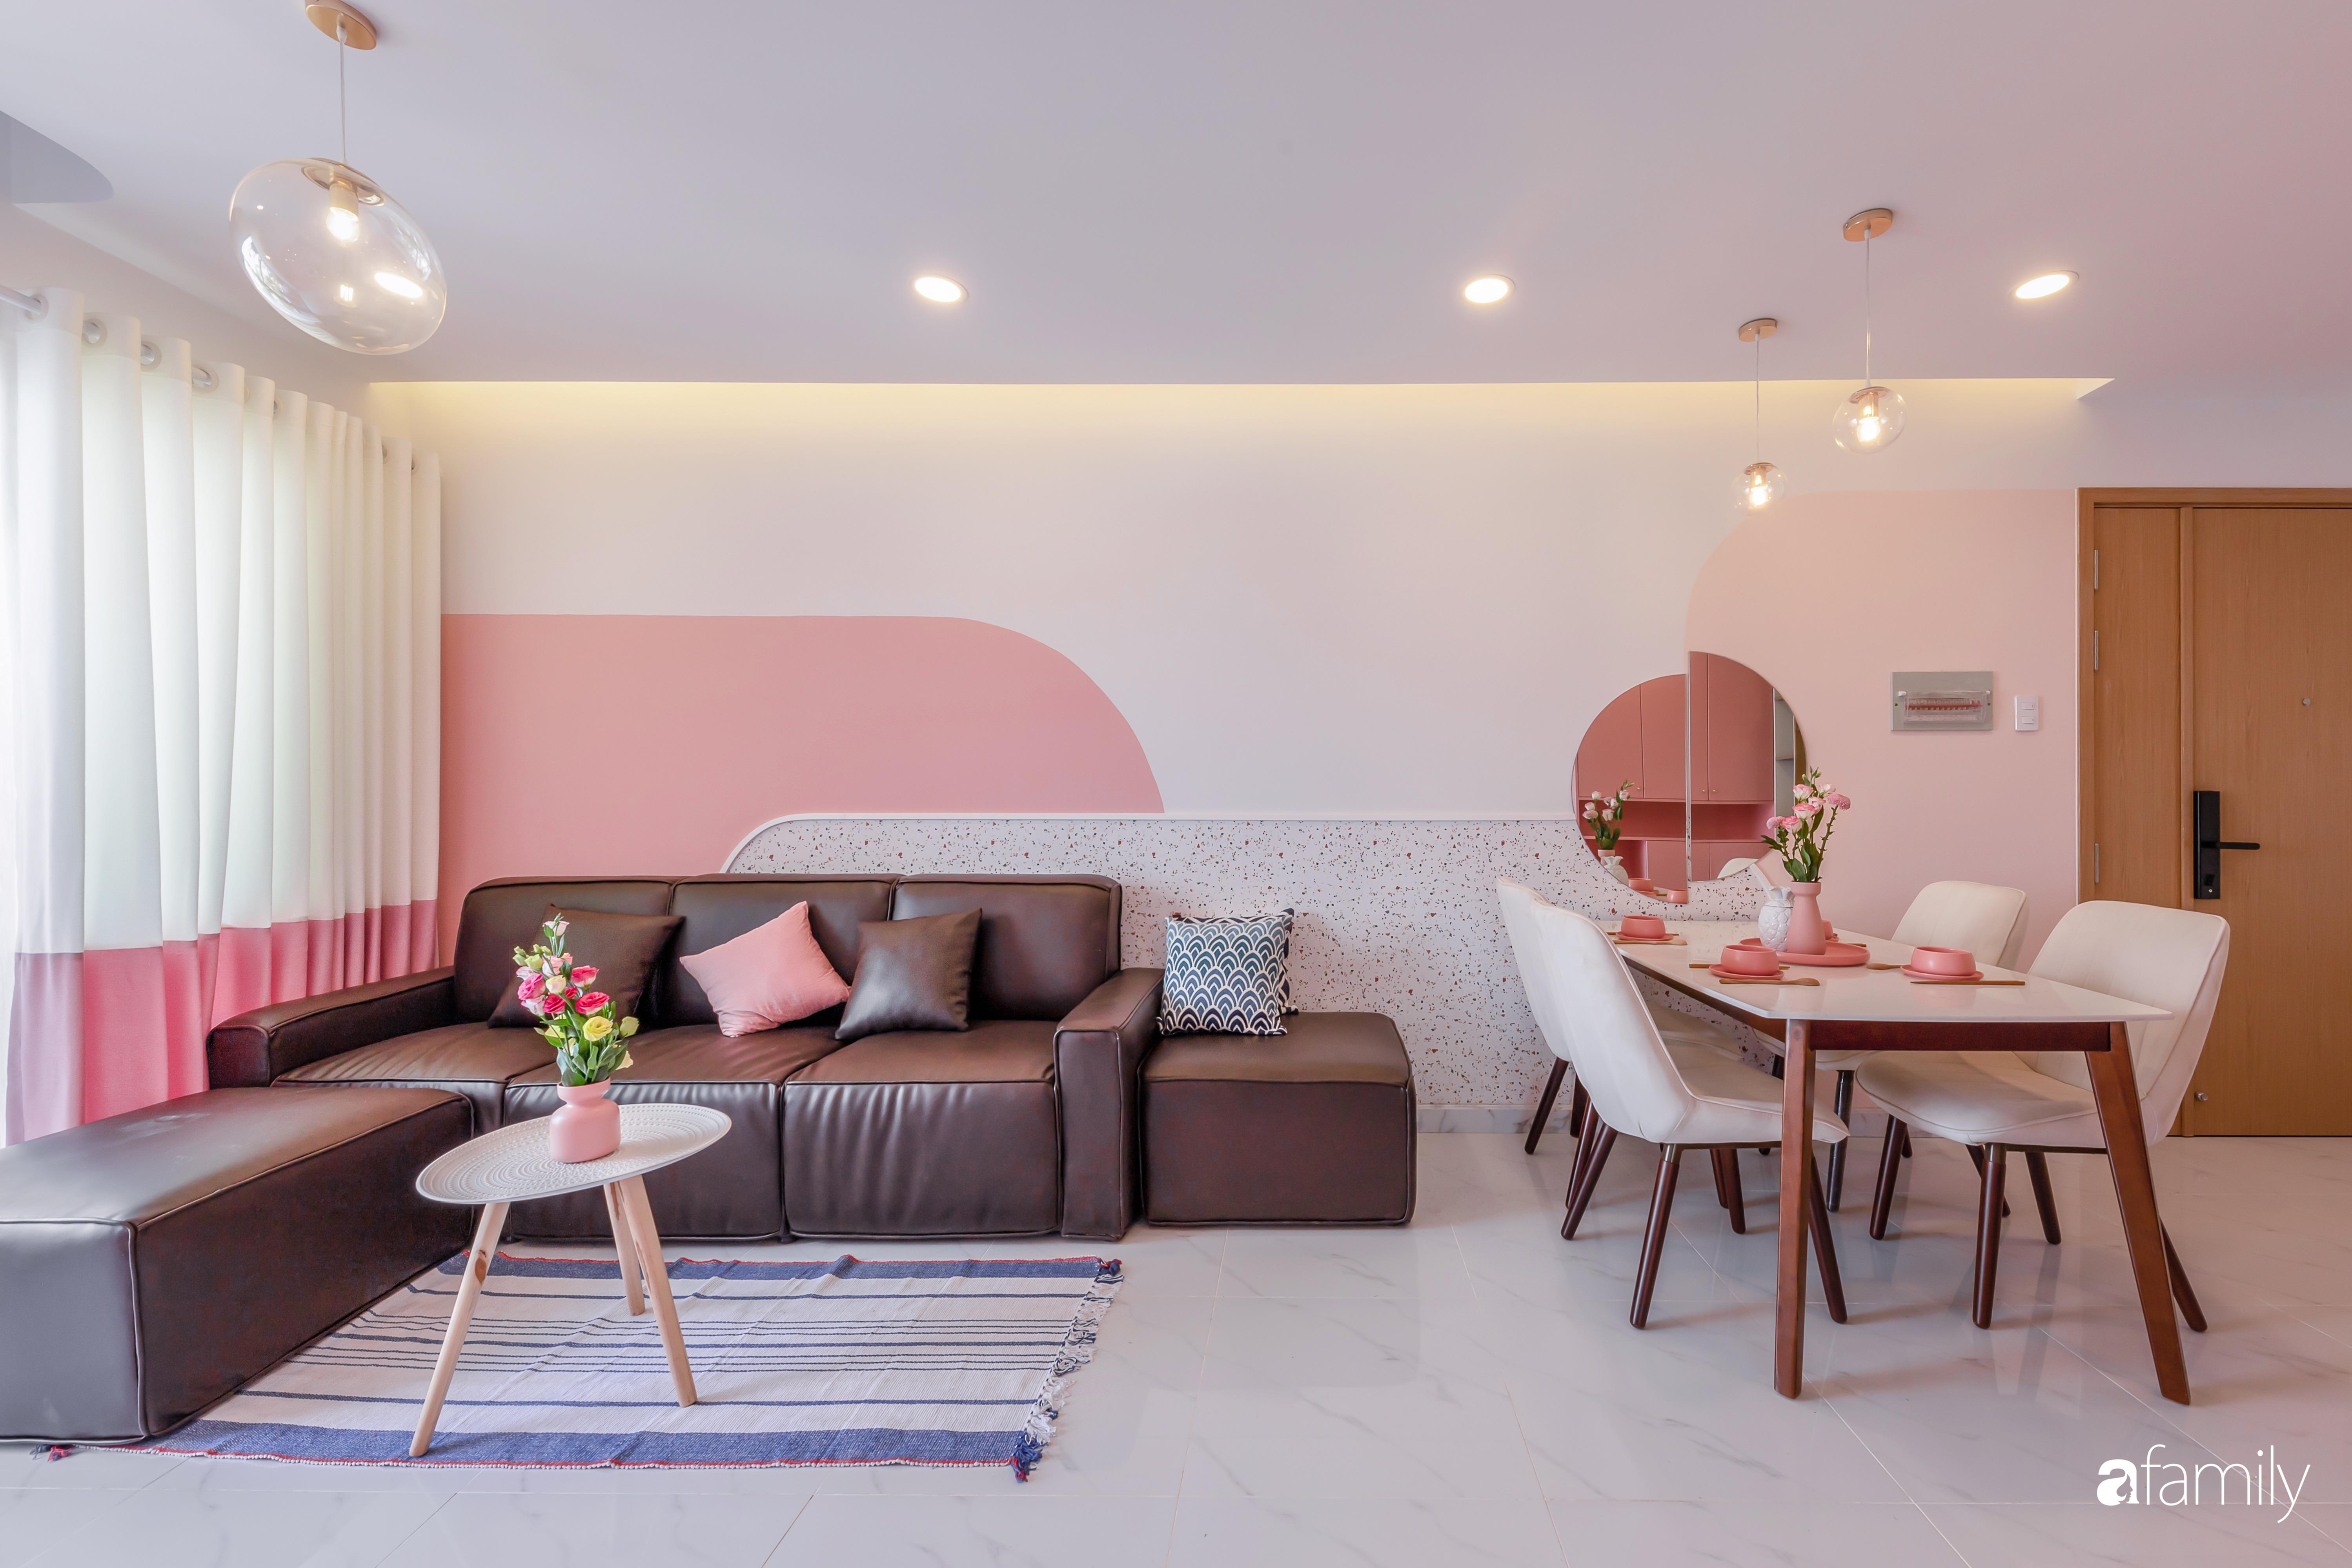 Căn hộ 100m² ngọt ngào khi chọn sắc hồng làm màu chủ đạo có chi phí hoàn thiện 450 triệu đồng ở TP HCM - Ảnh 4.